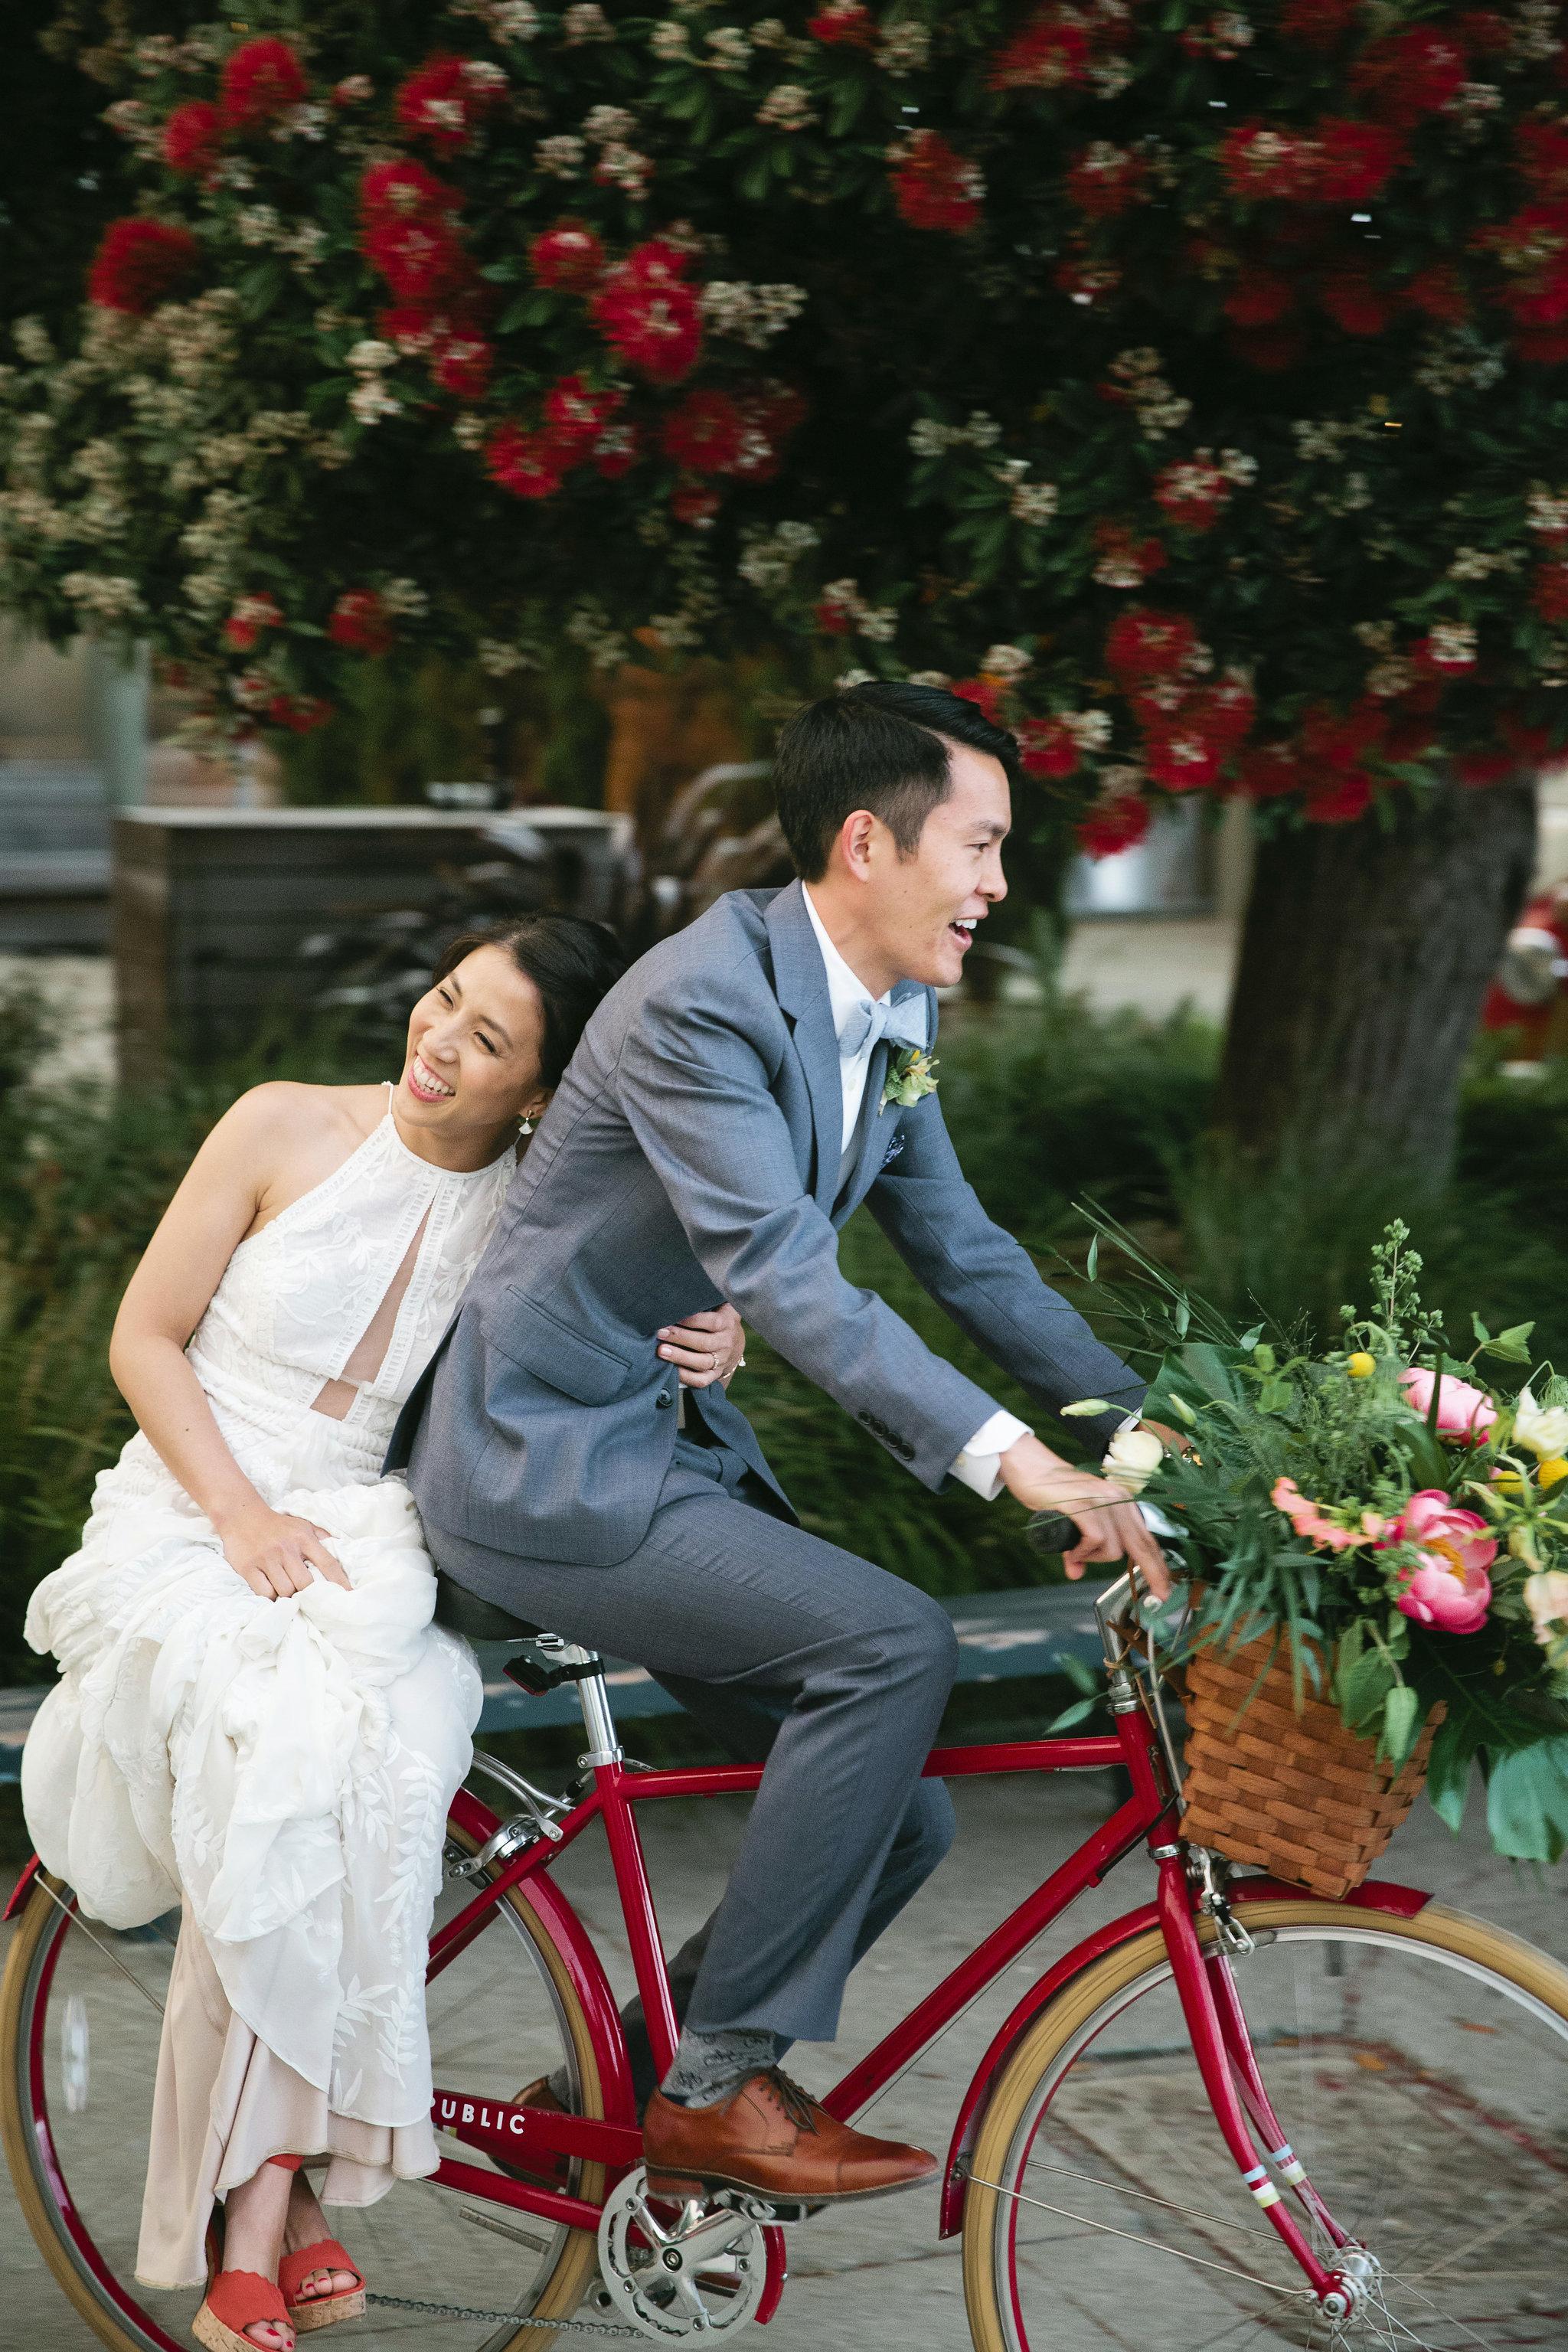 Best-BayArea-Wedding-Photo-31.JPG